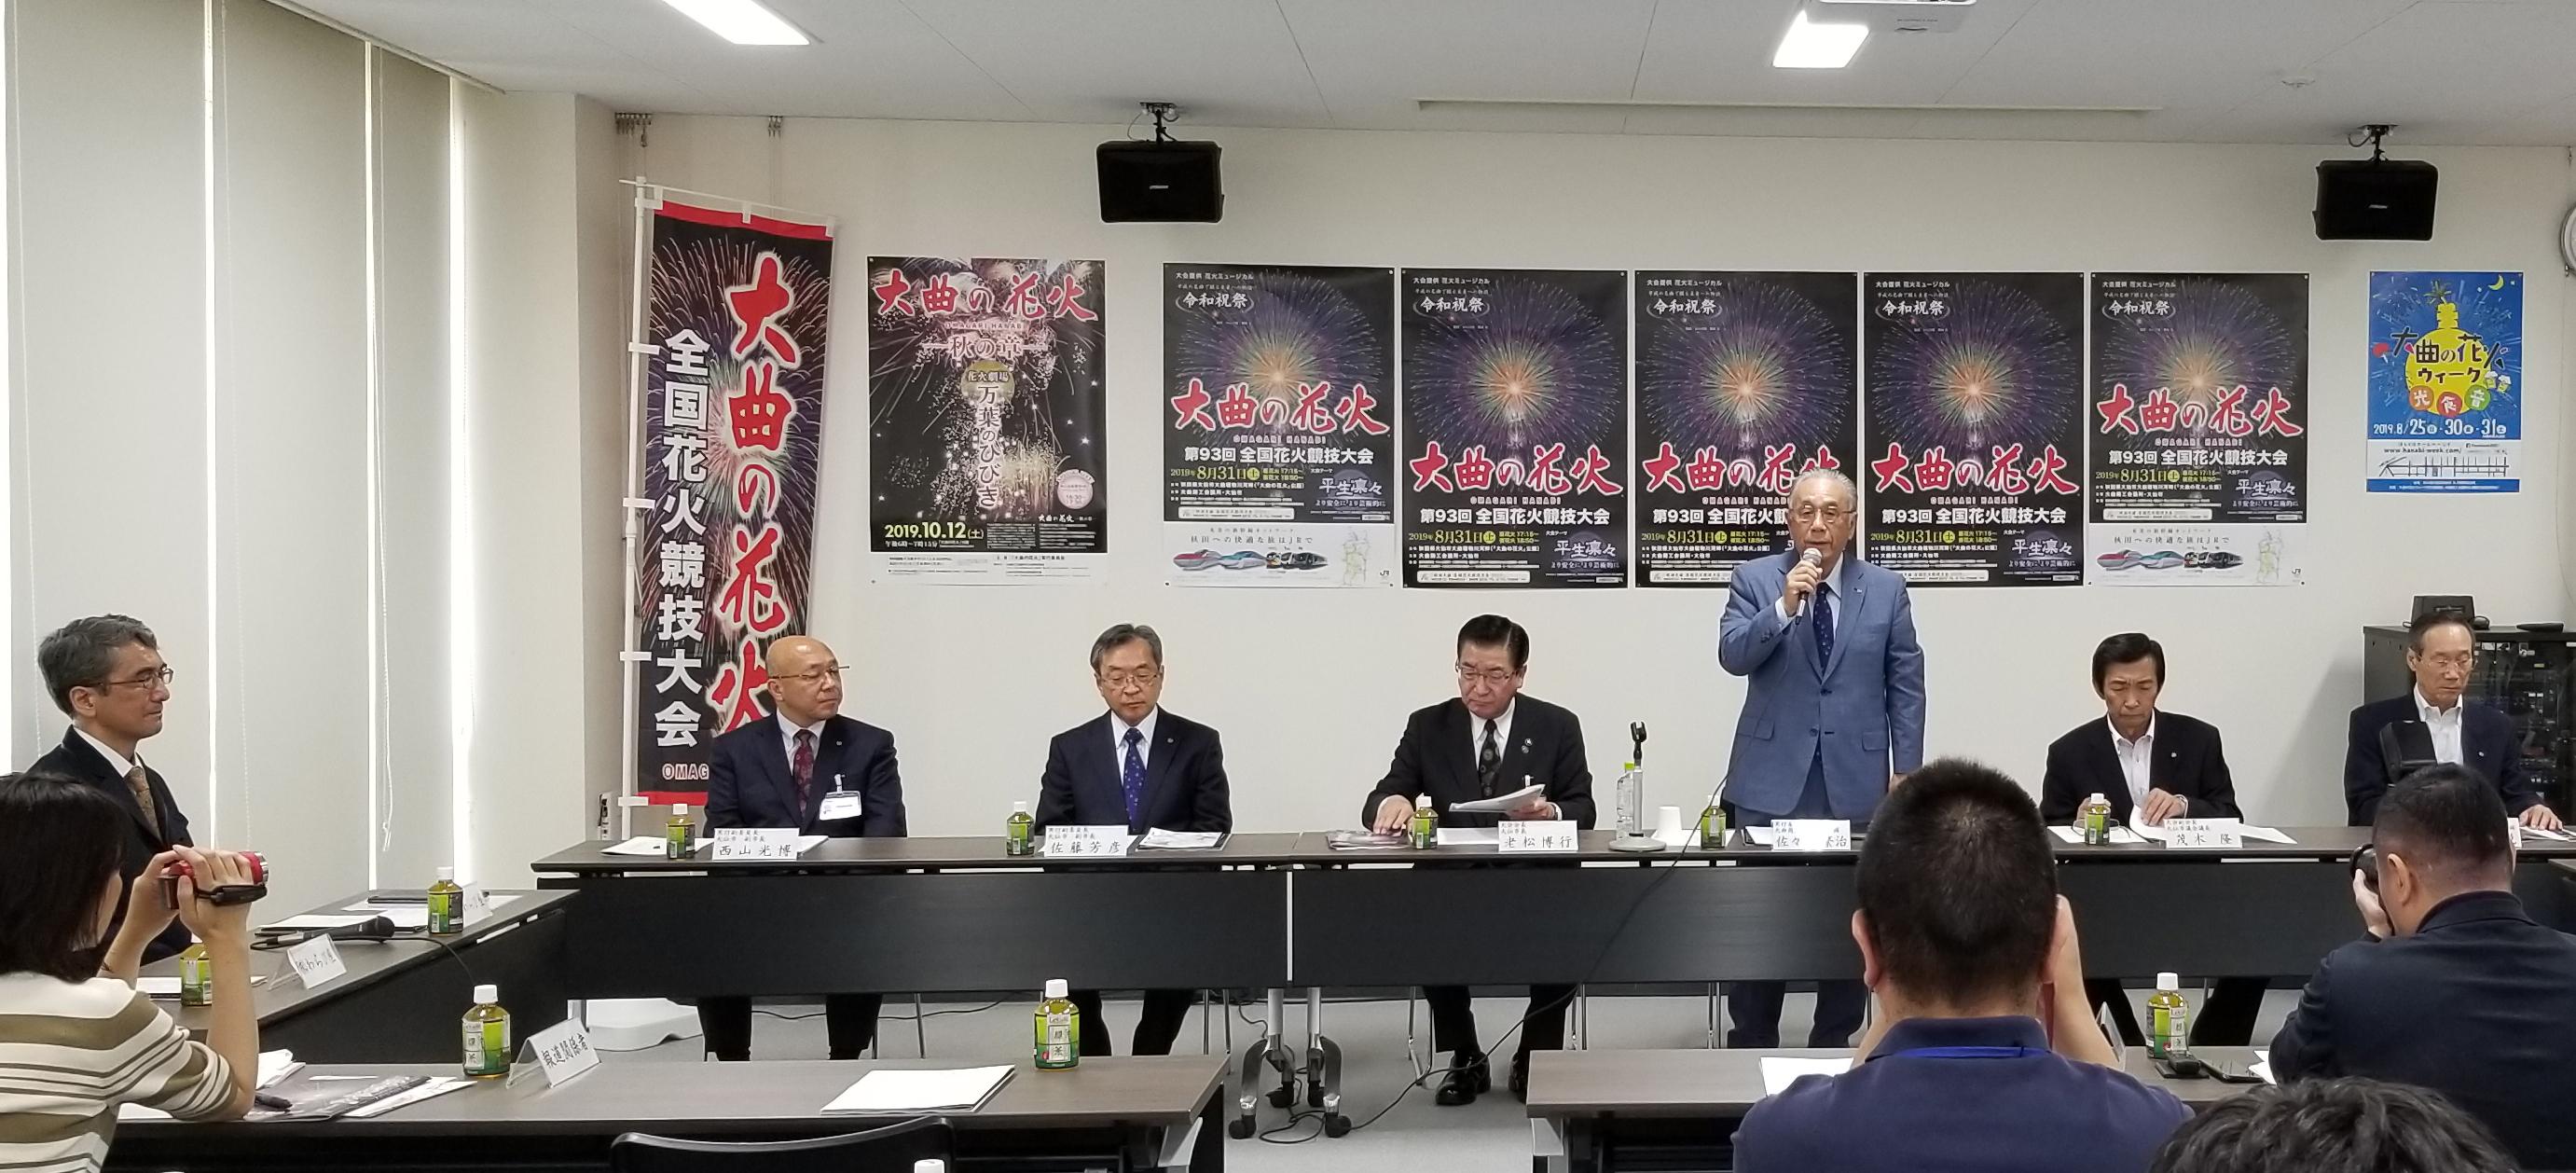 「8/31大曲の花火」の記者会見で、ミュージカル形式の花火を紹介。あわせてPR動画も公開されました。